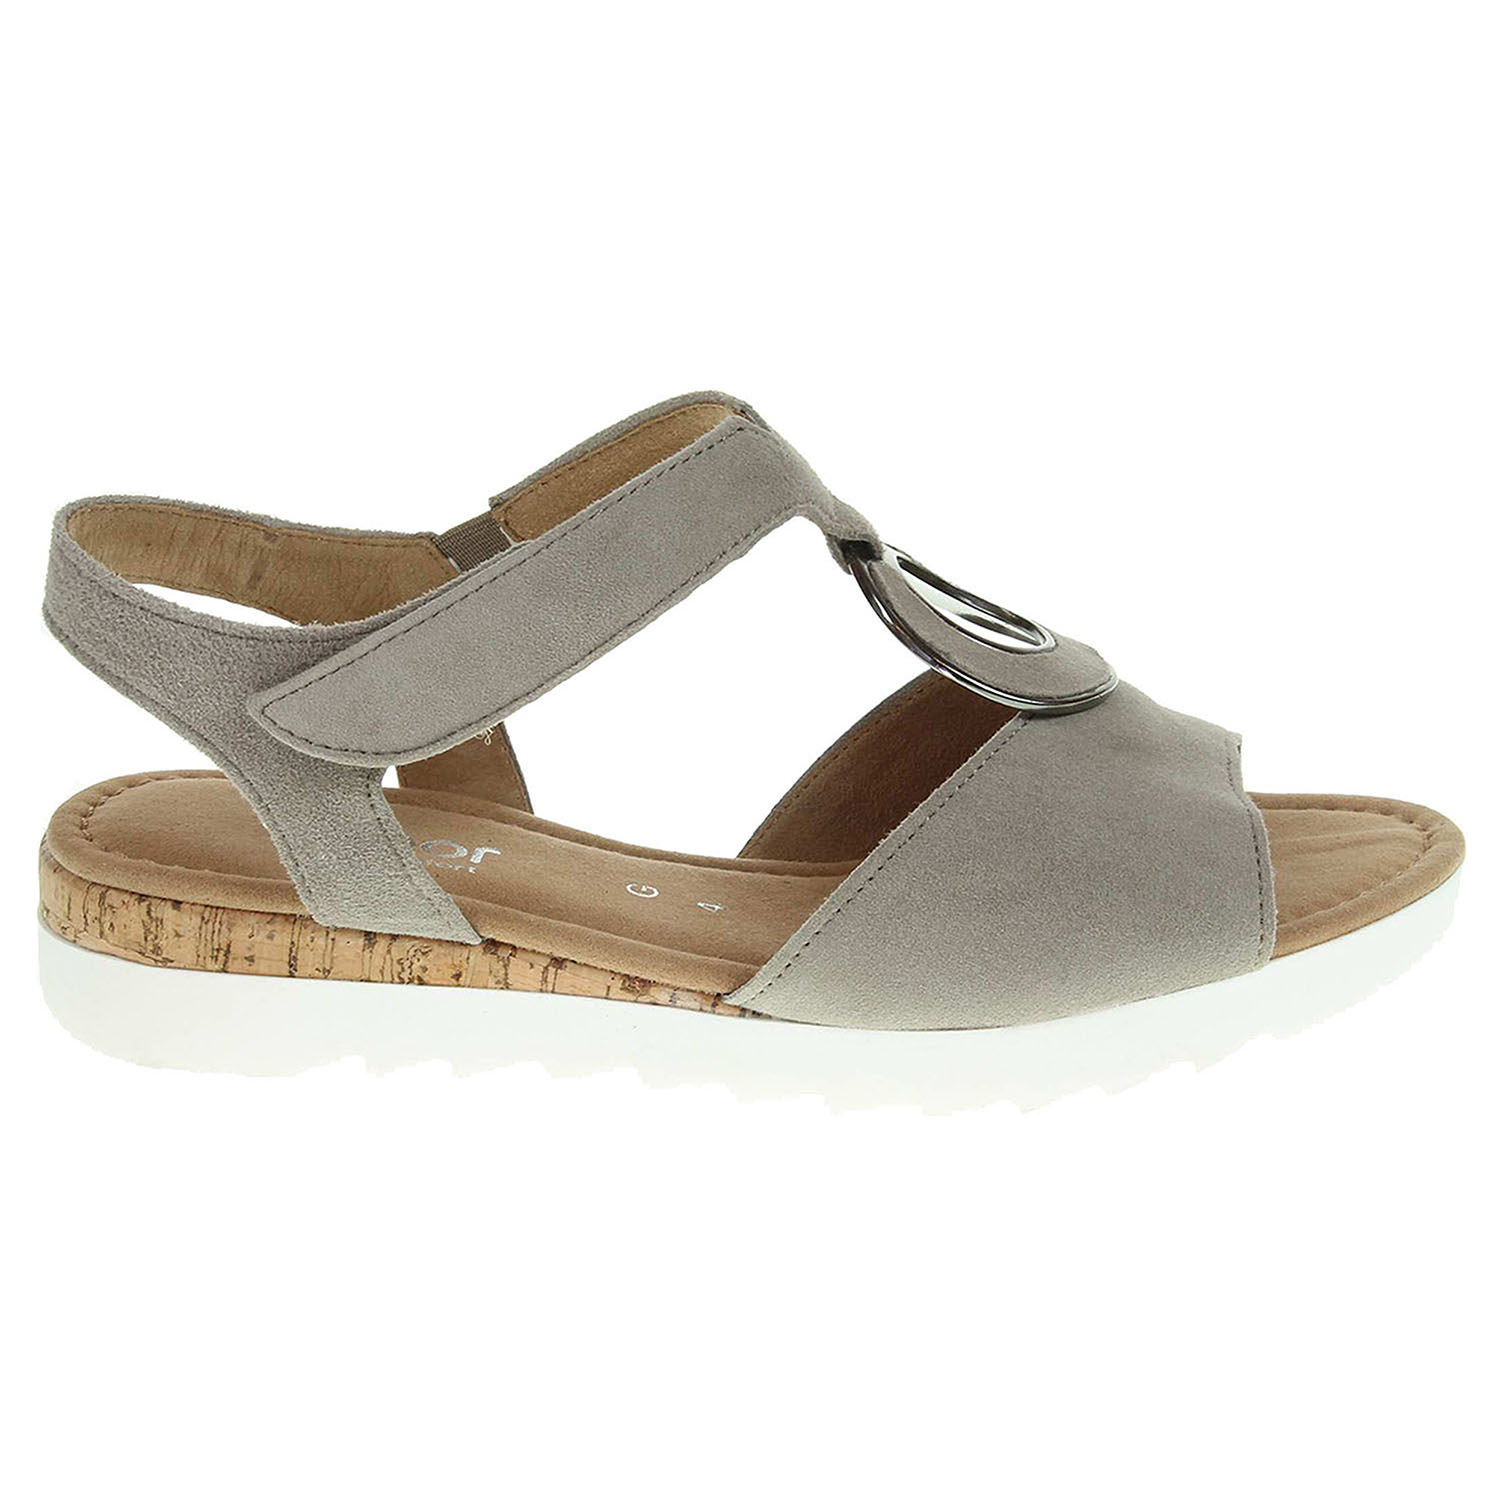 Ecco Gabor dámské sandály 62.745.42 béžové 23801105